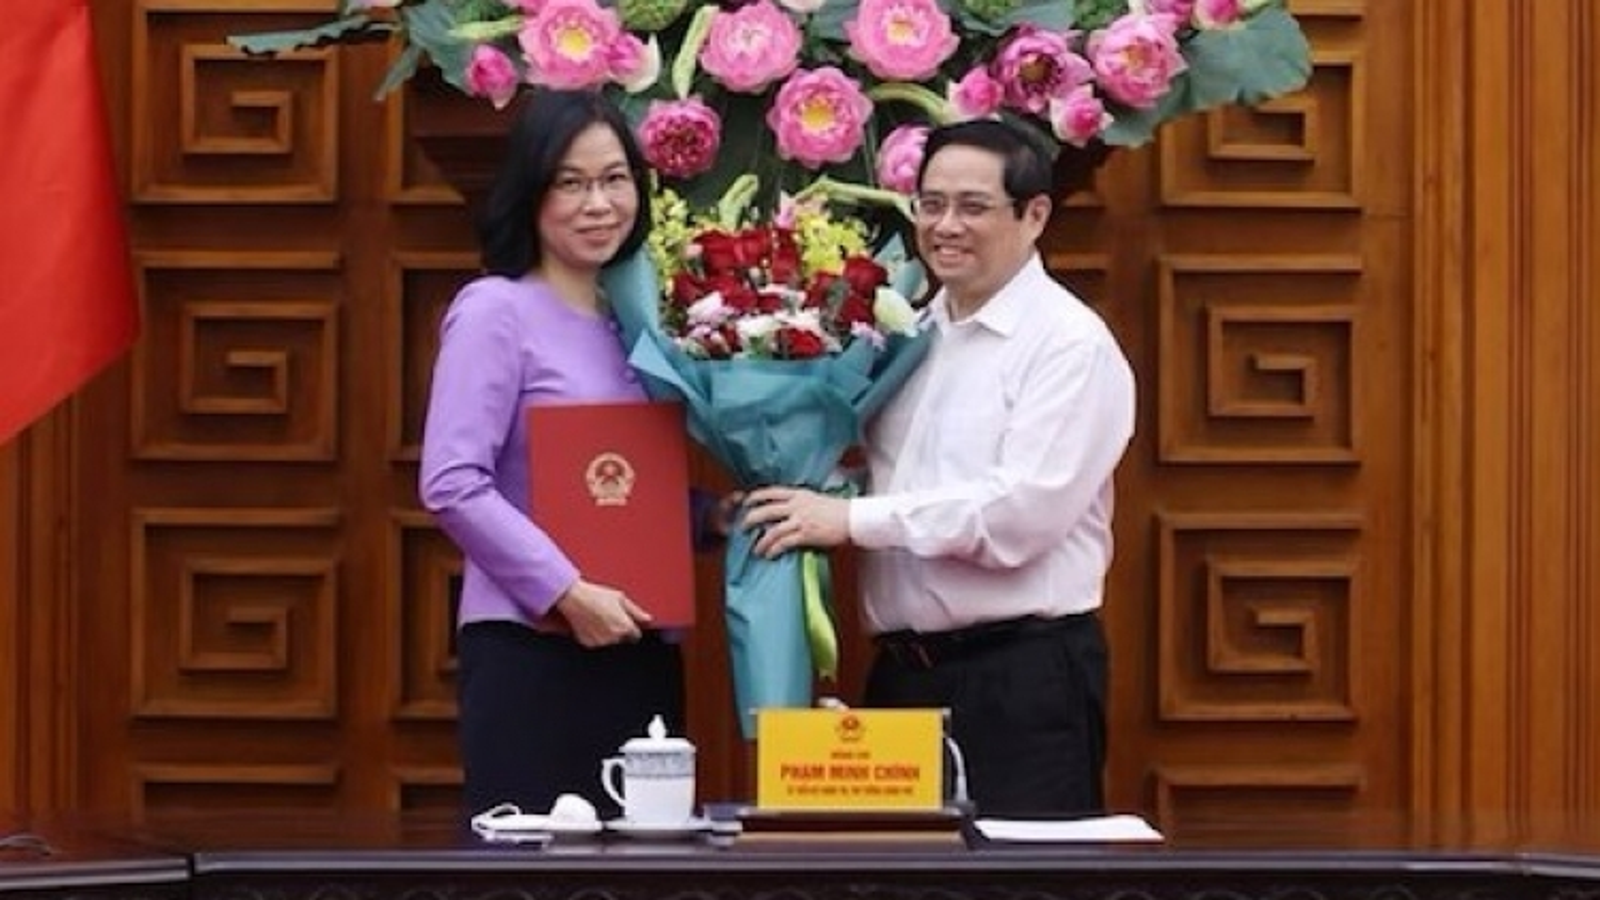 Thủ tướng trao quyết định bổ nhiệm bà Vũ Việt Trang làm Tổng Giám đốc TTXVN